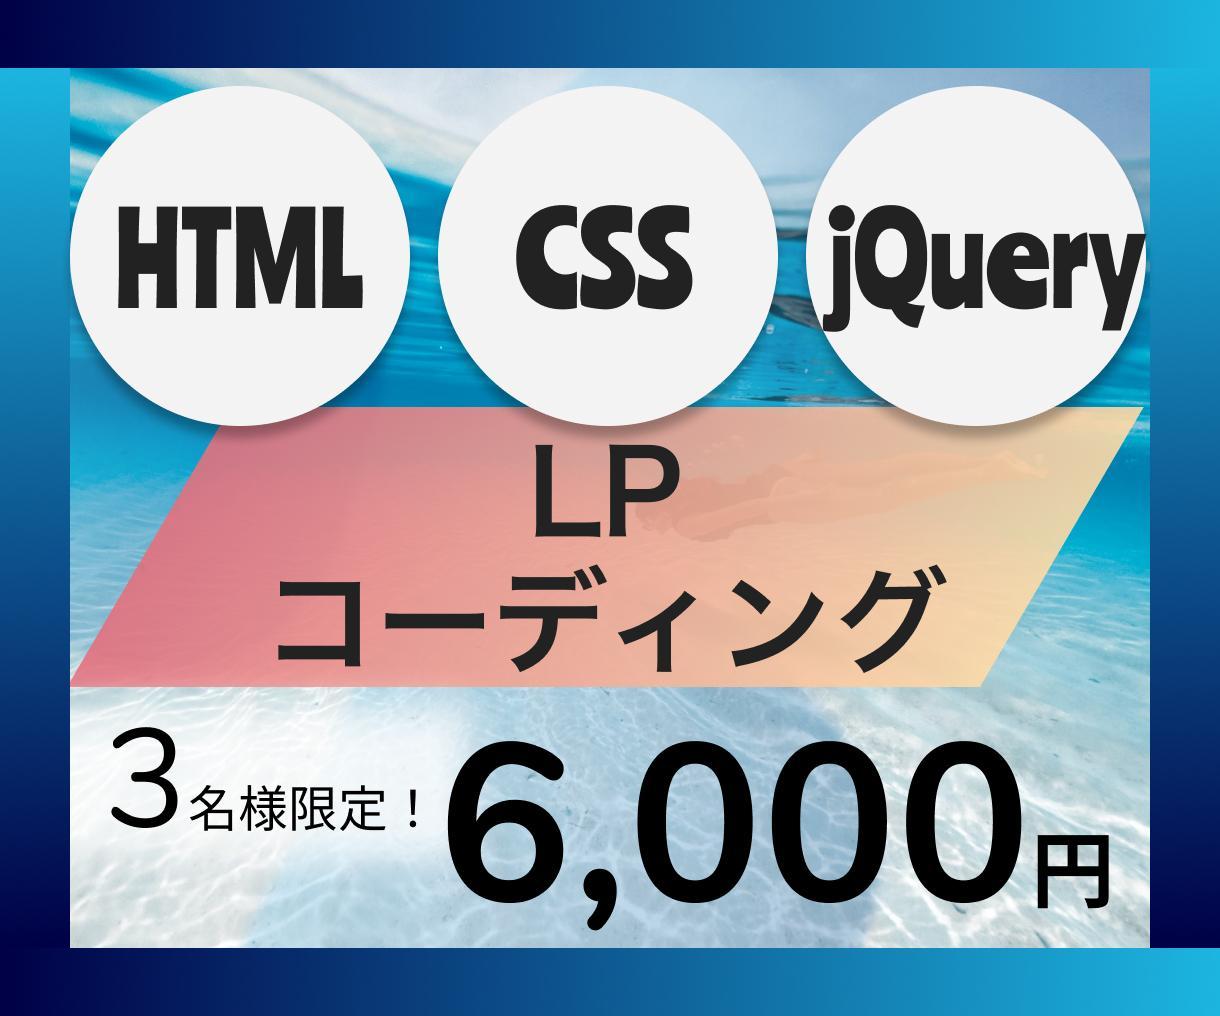 格安6000円でLPコーディングいたします jQuery、レスポンシブ込みのキャンペーン価格受付中! イメージ1